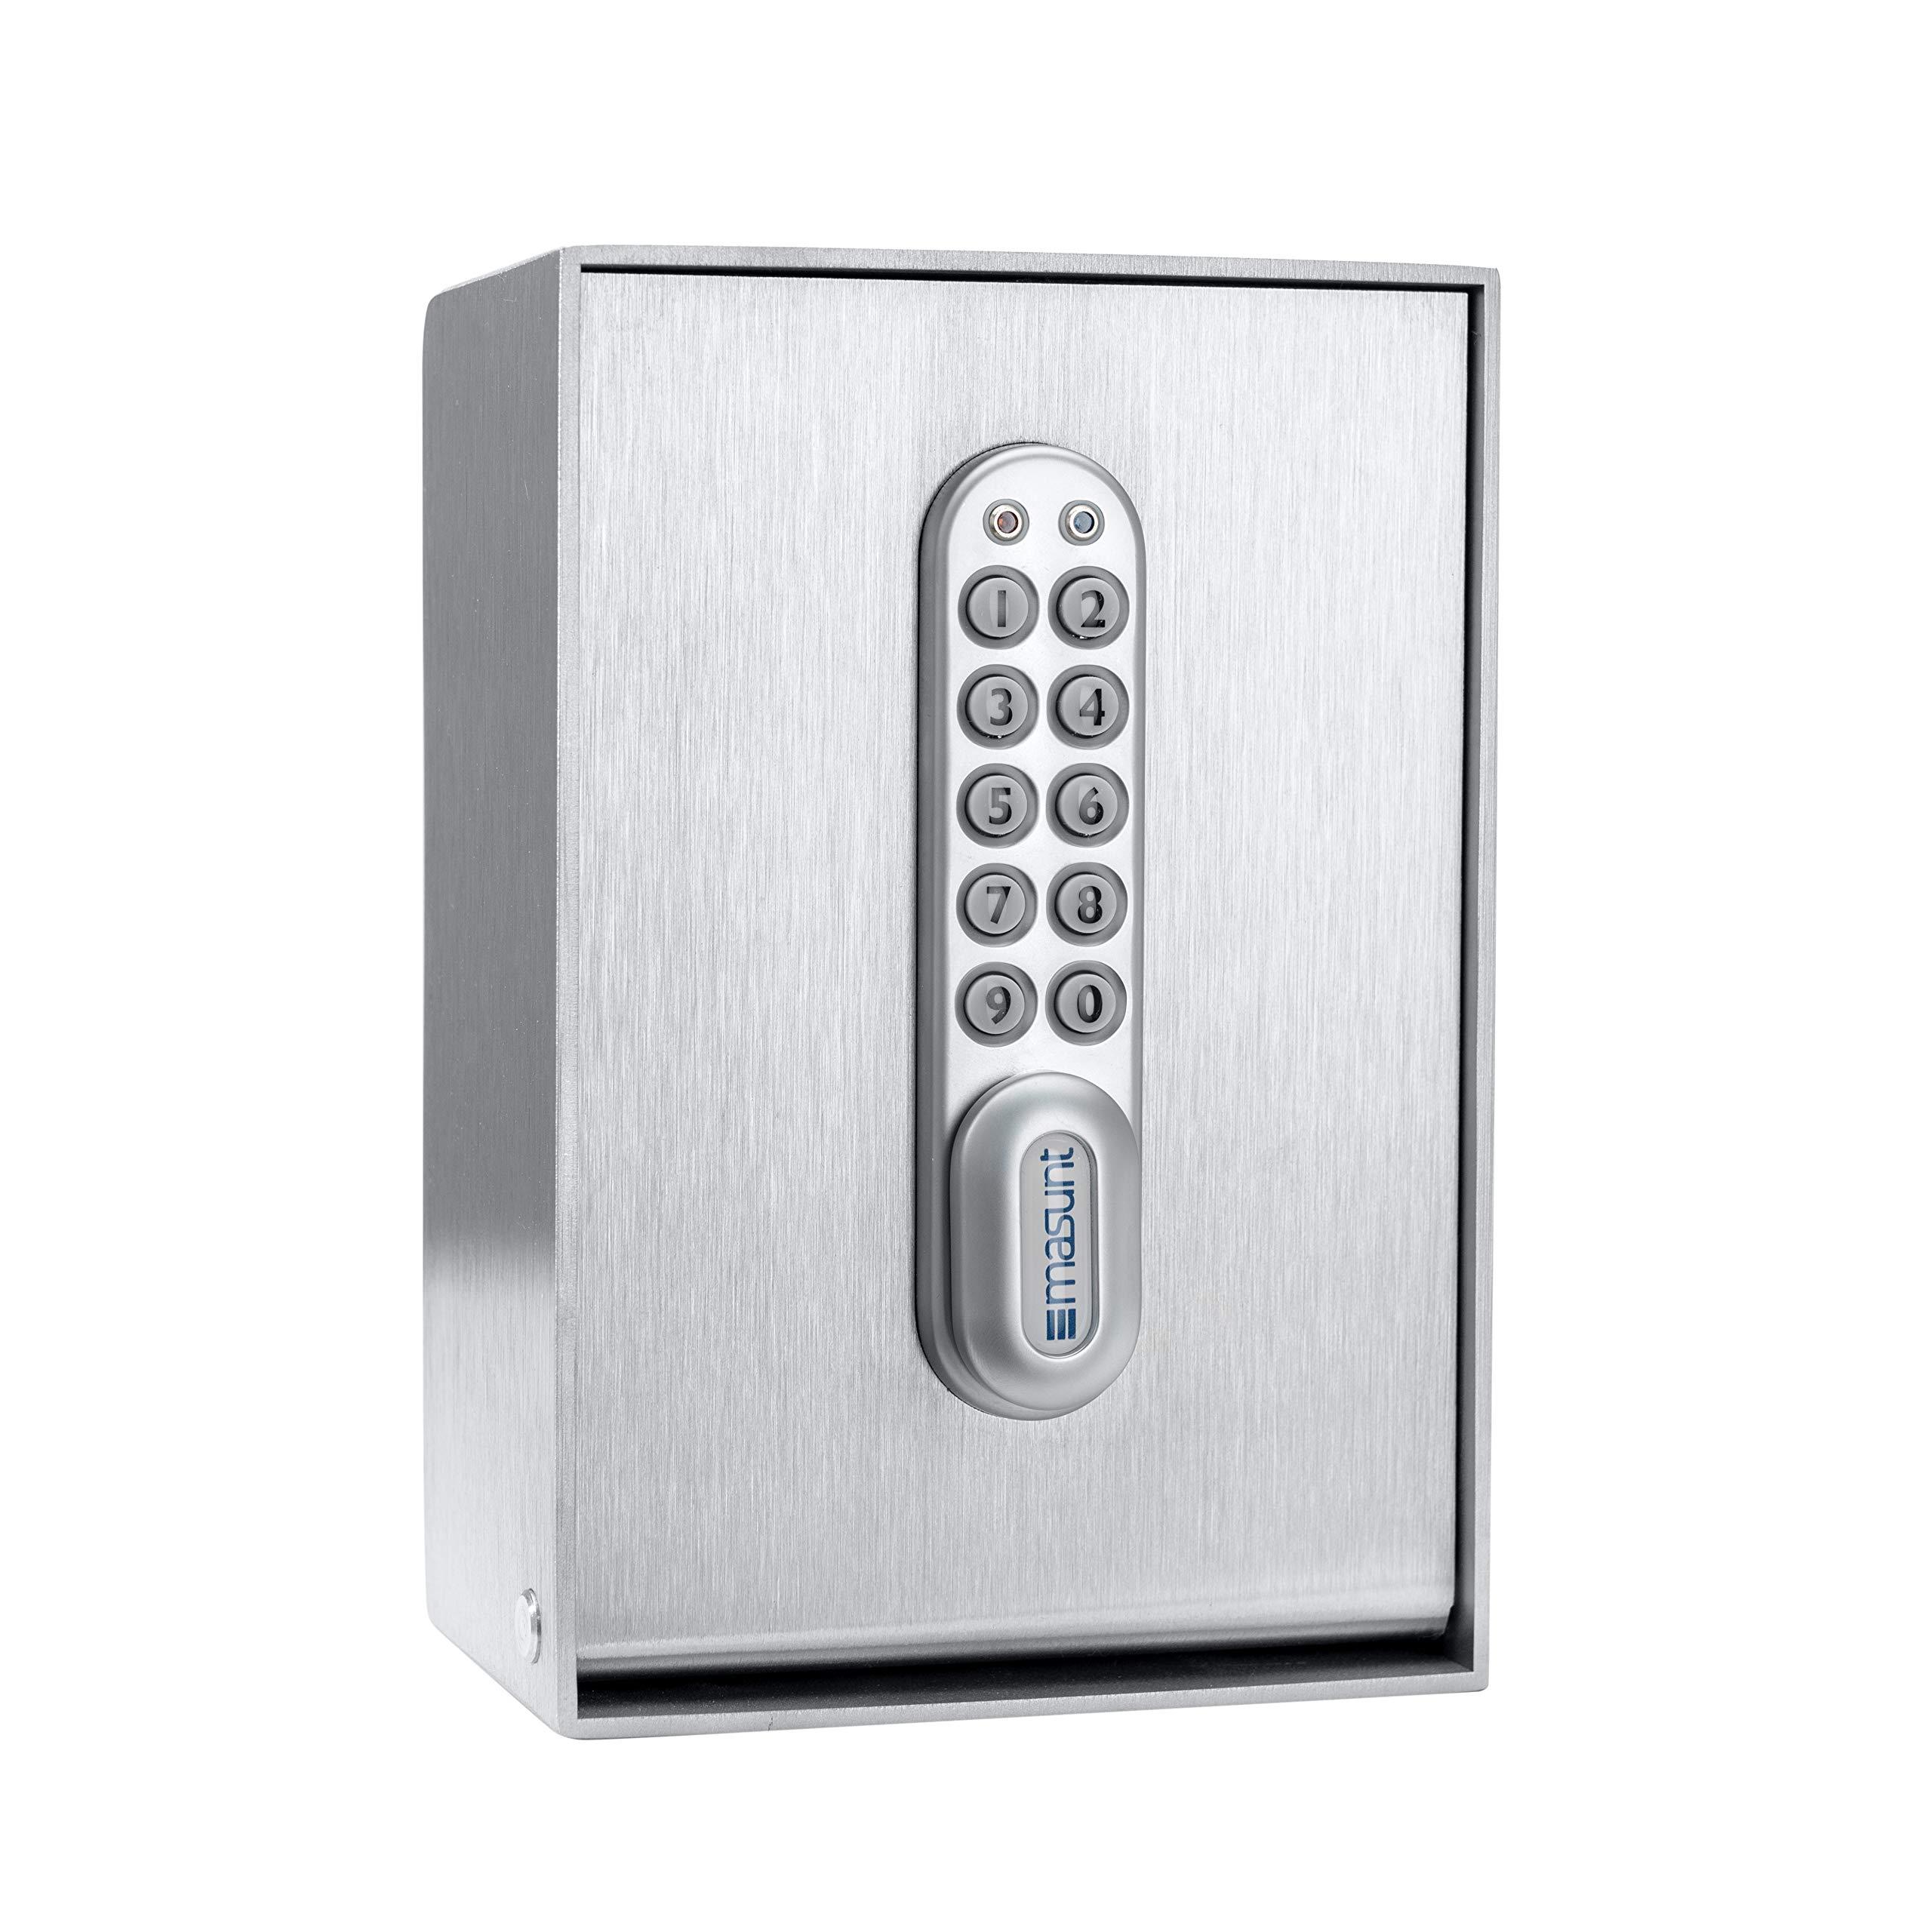 masunt-Schlsseltresor-2120-E-Code–Elektronischer-Schlsselsafe-fr-die-komfortable-Schlsselbergabe-Auch-fr-Auen-geeignet